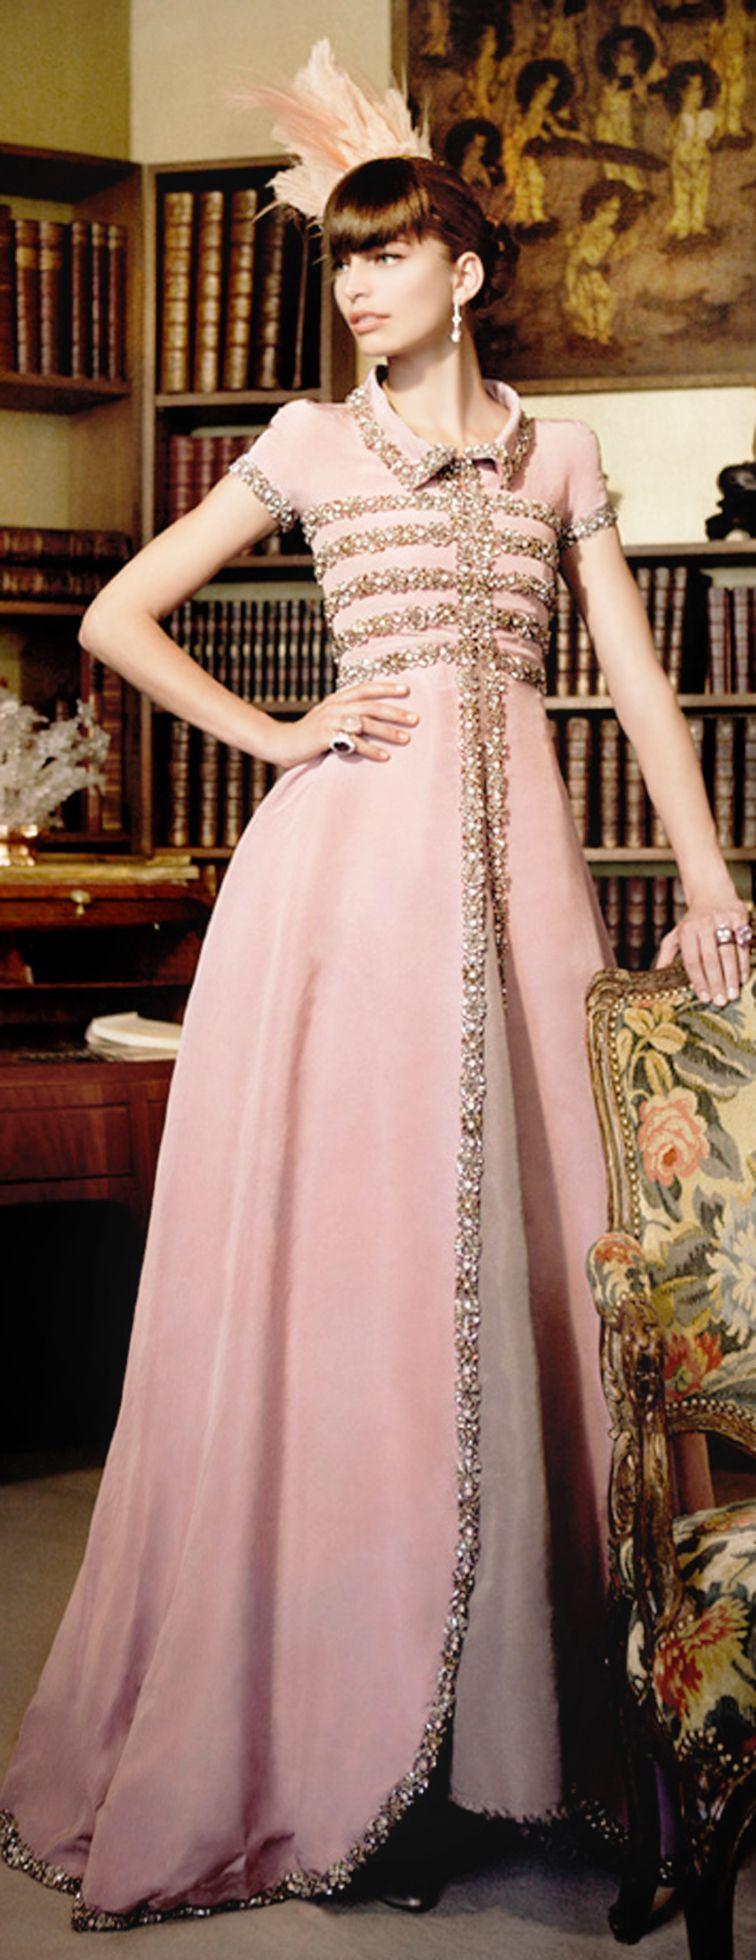 Chanel | Pretty | Pinterest | Vestiditos, Alta costura y Vestido de gala